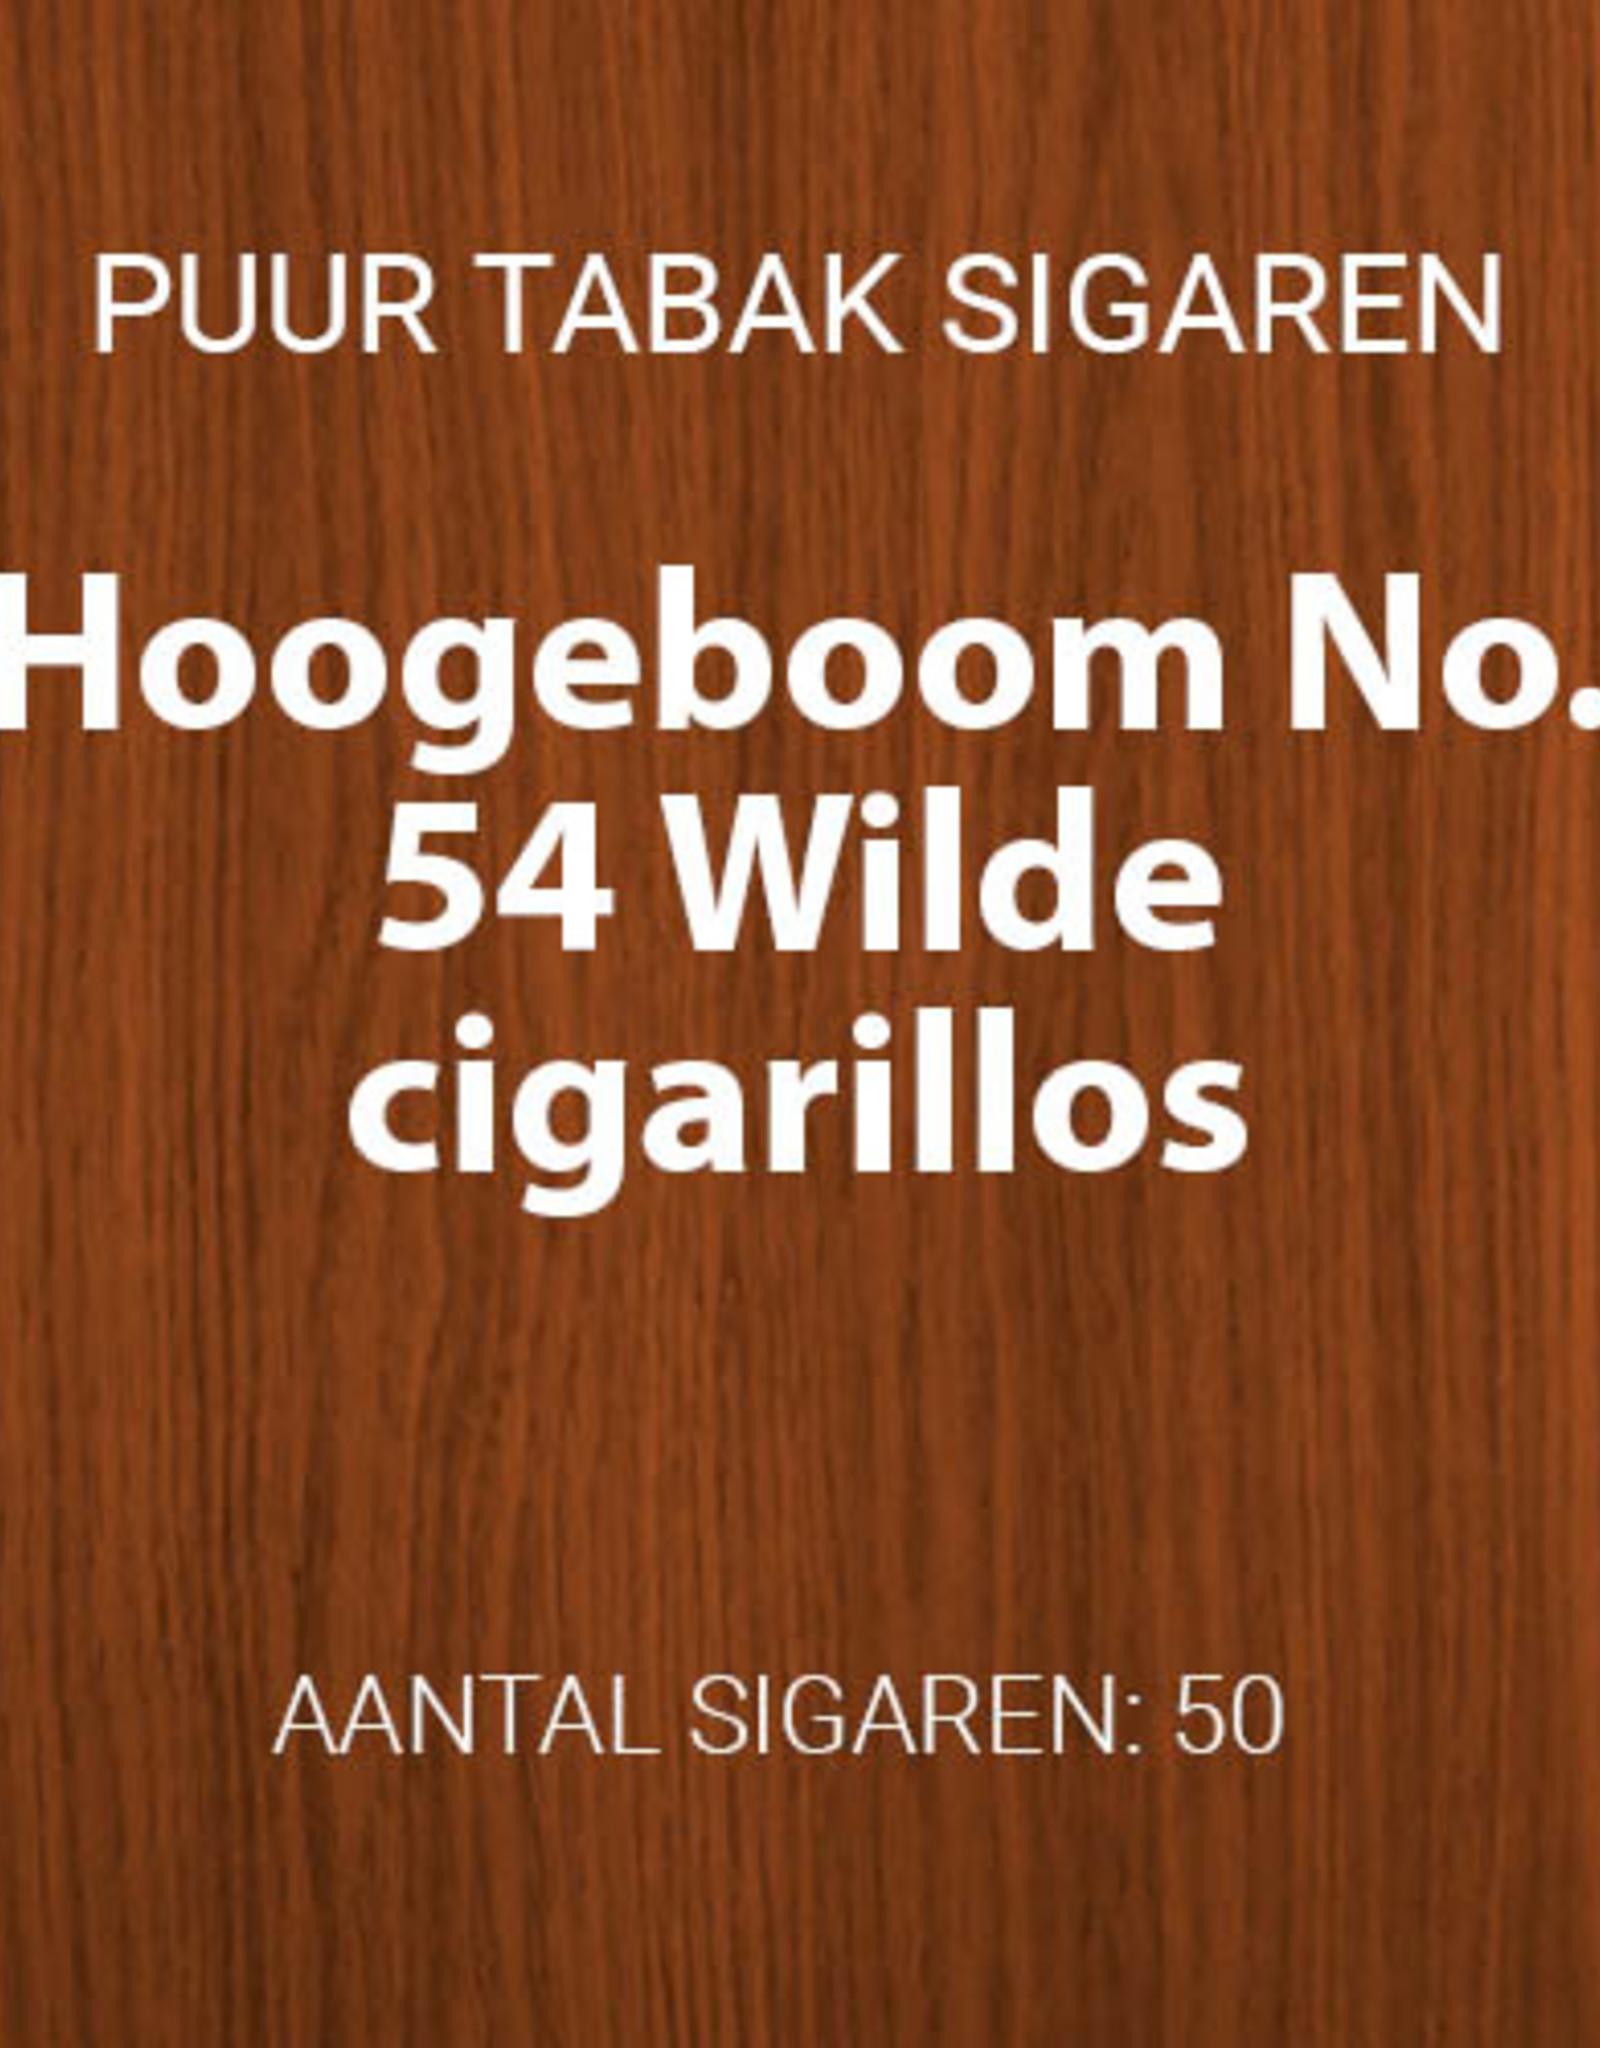 Hoogeboom No. 54 Sumatra Wilde Cigarillos